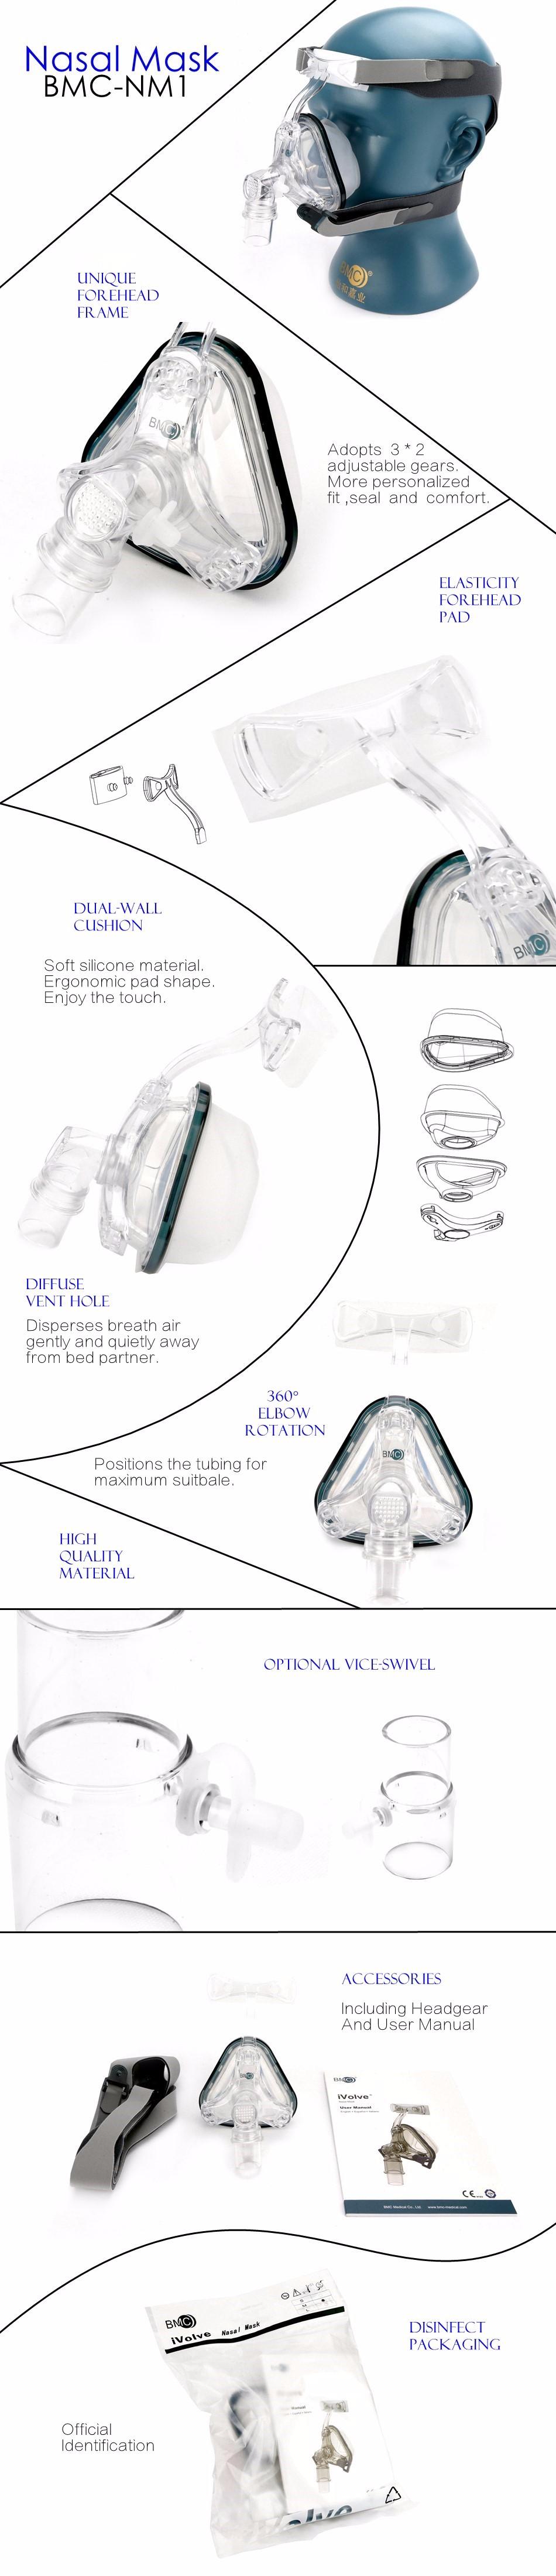 nm1 nasal mask cpap apap bpap (8)